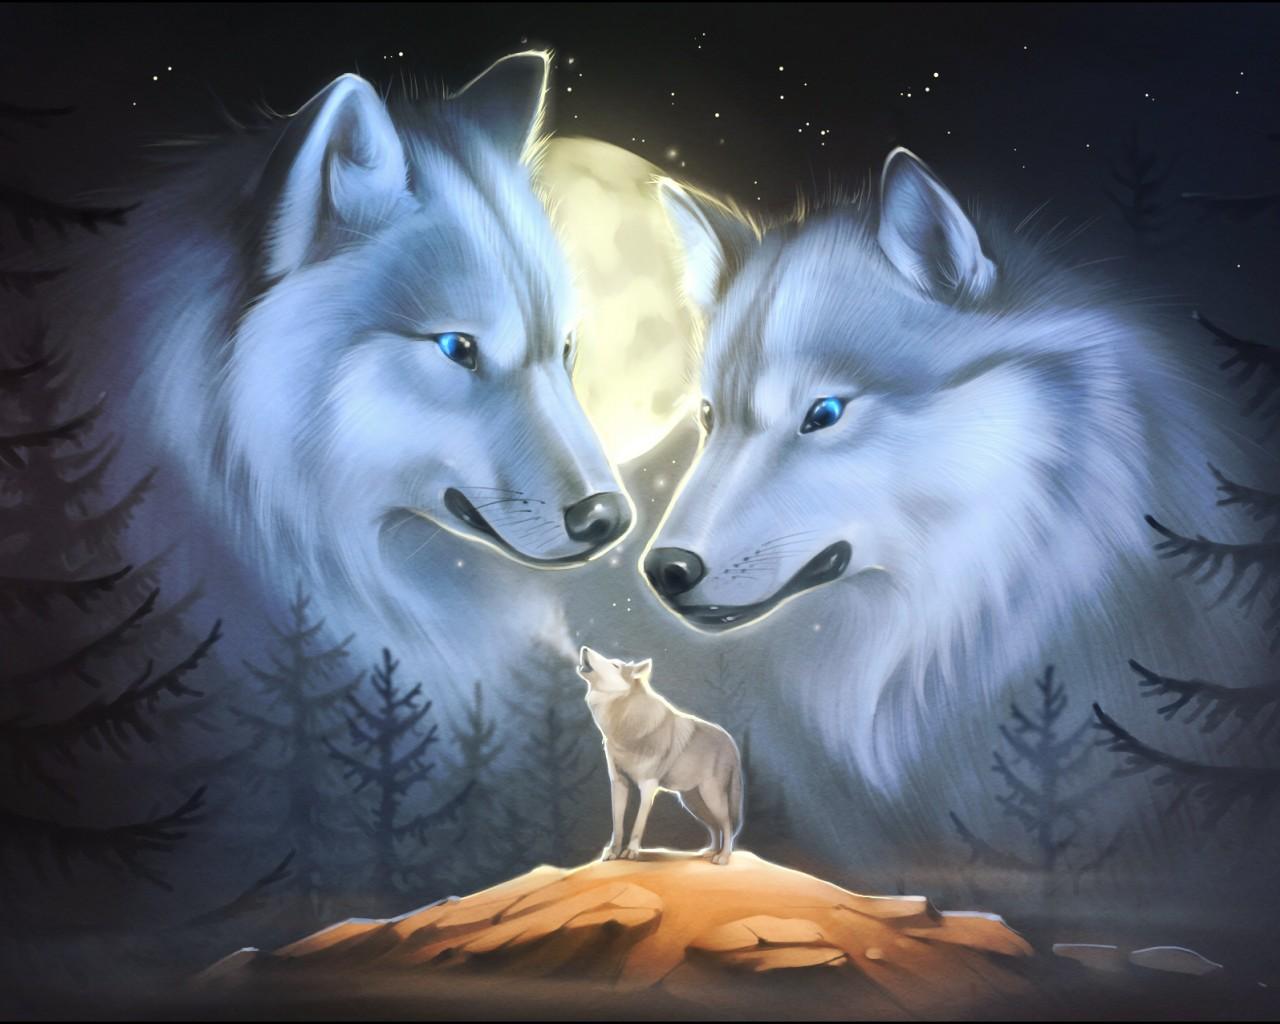 обои на рабочий стол волки нарисованная № 649052  скачать